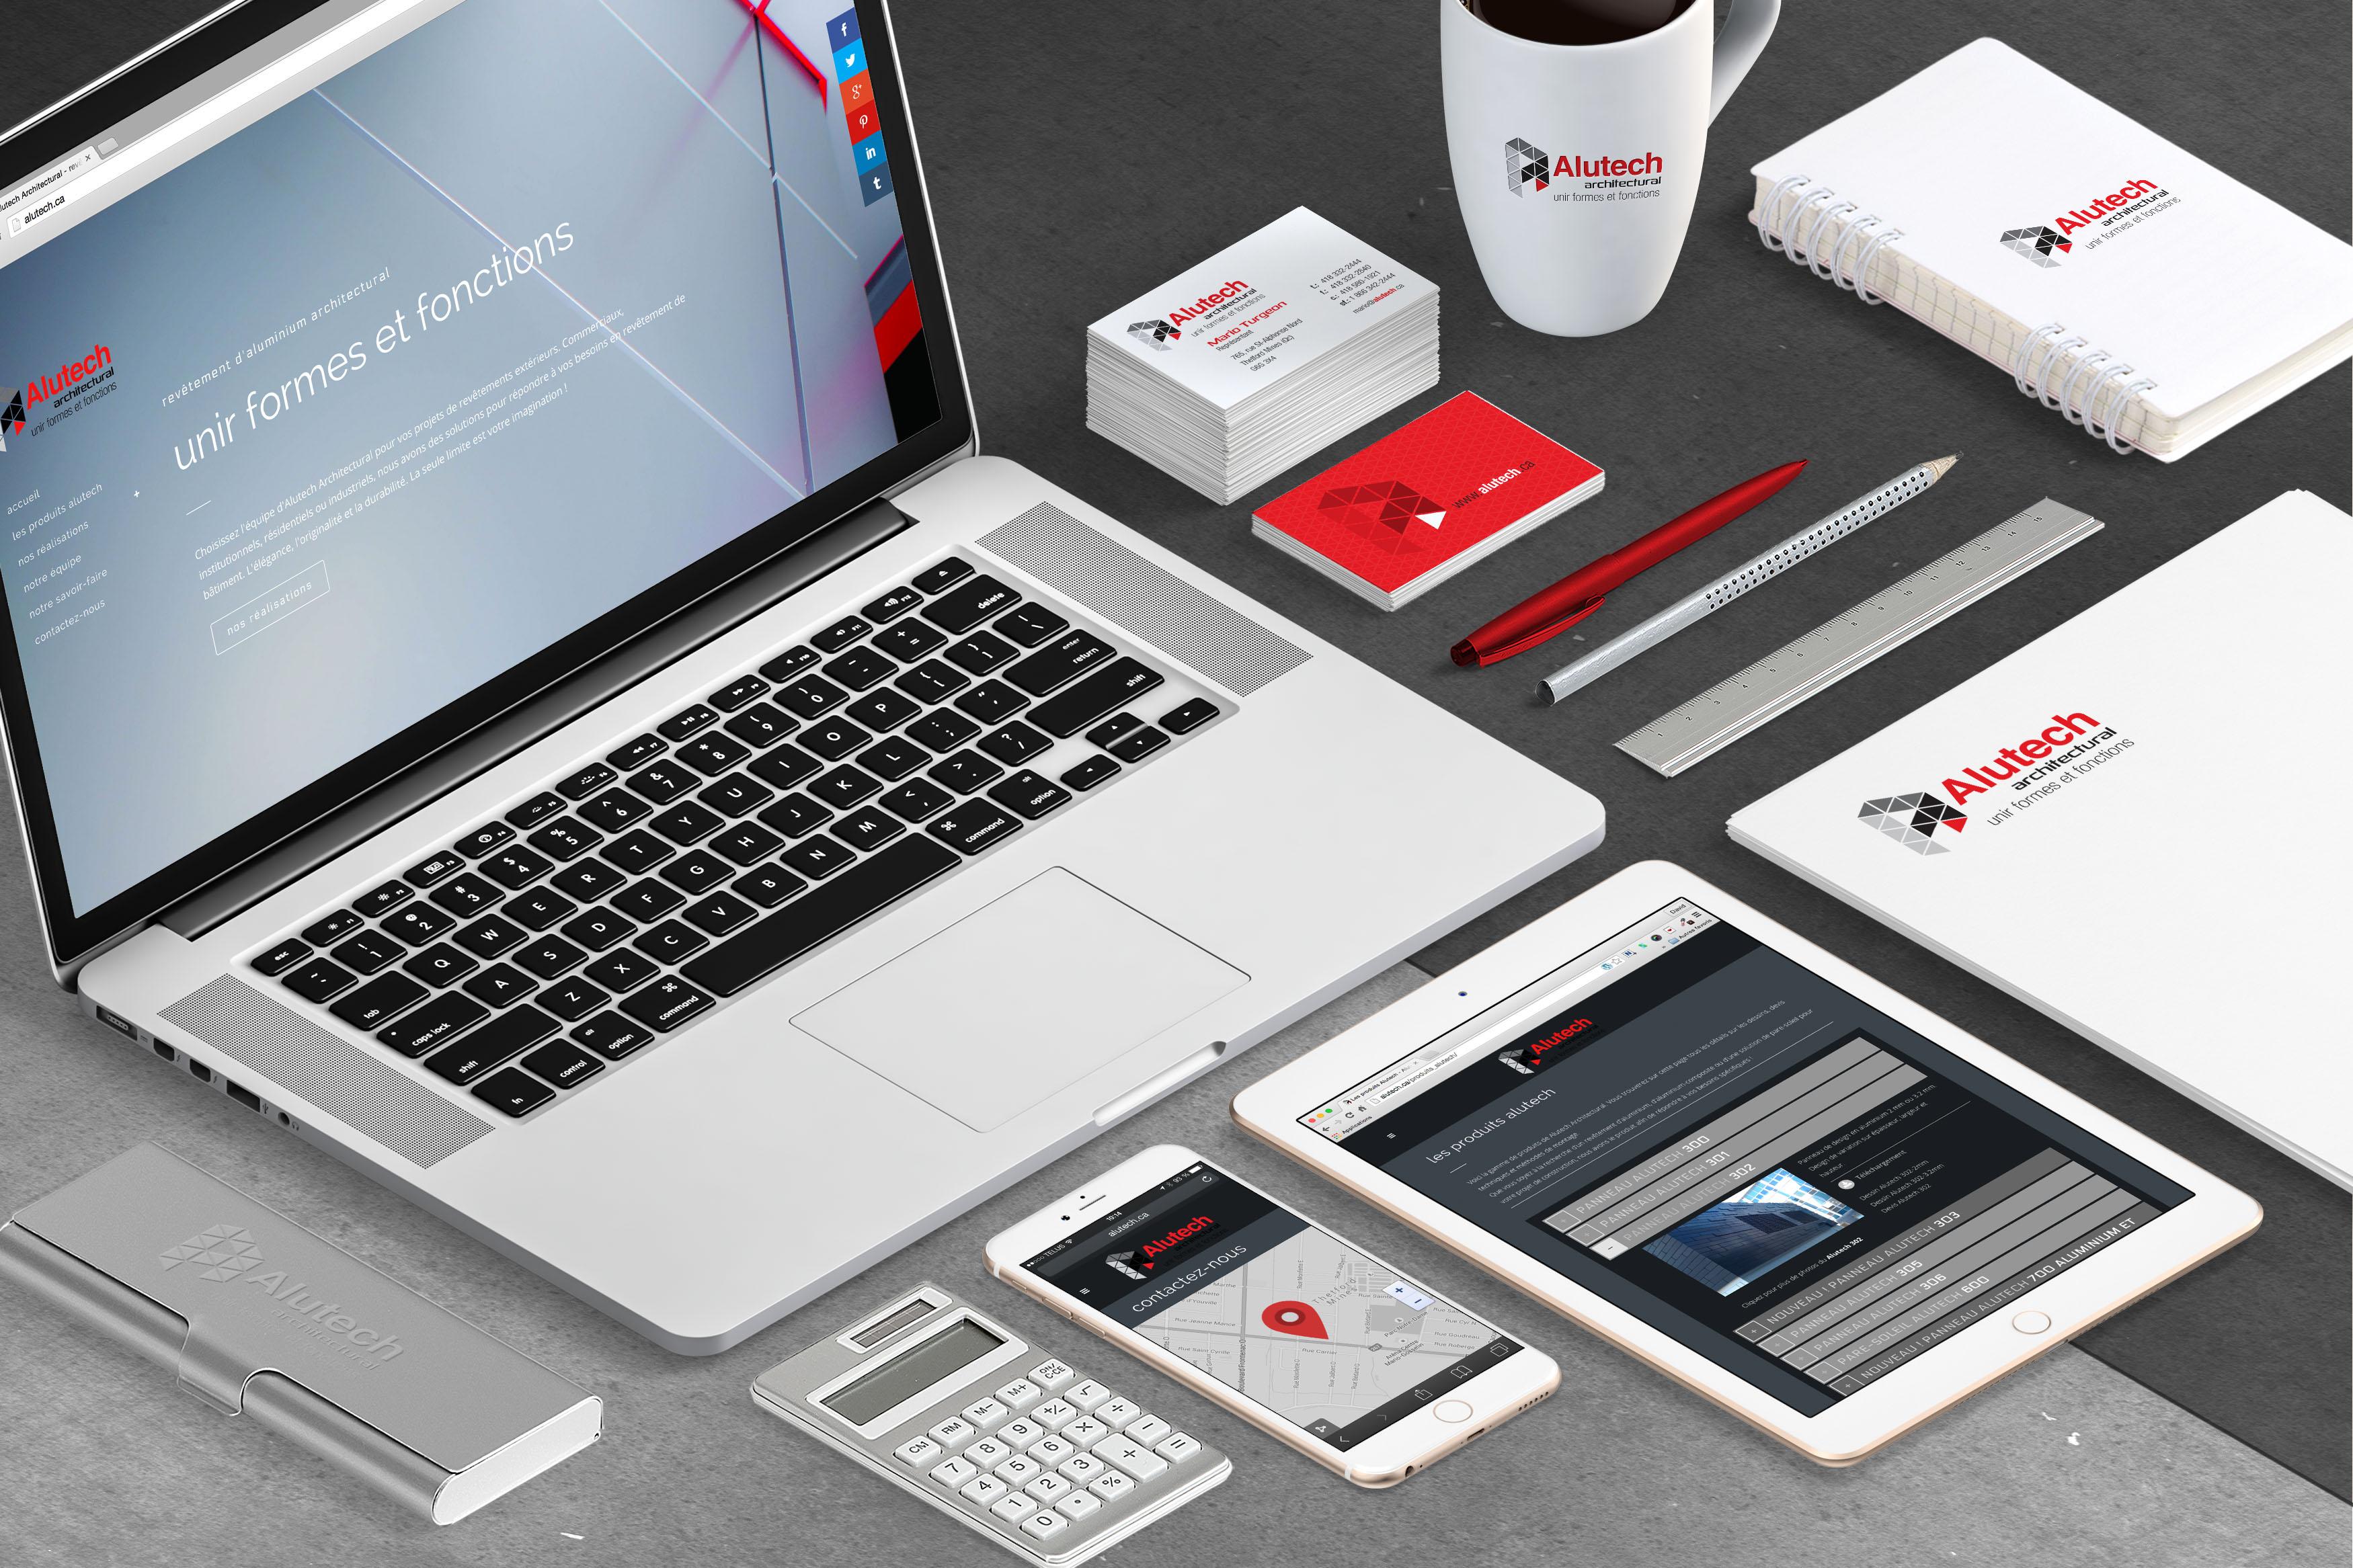 Conception d'une nouvelle image pour Alutech Architectural. Logo, site Web, kiosque, cartable et différents outils de vente.